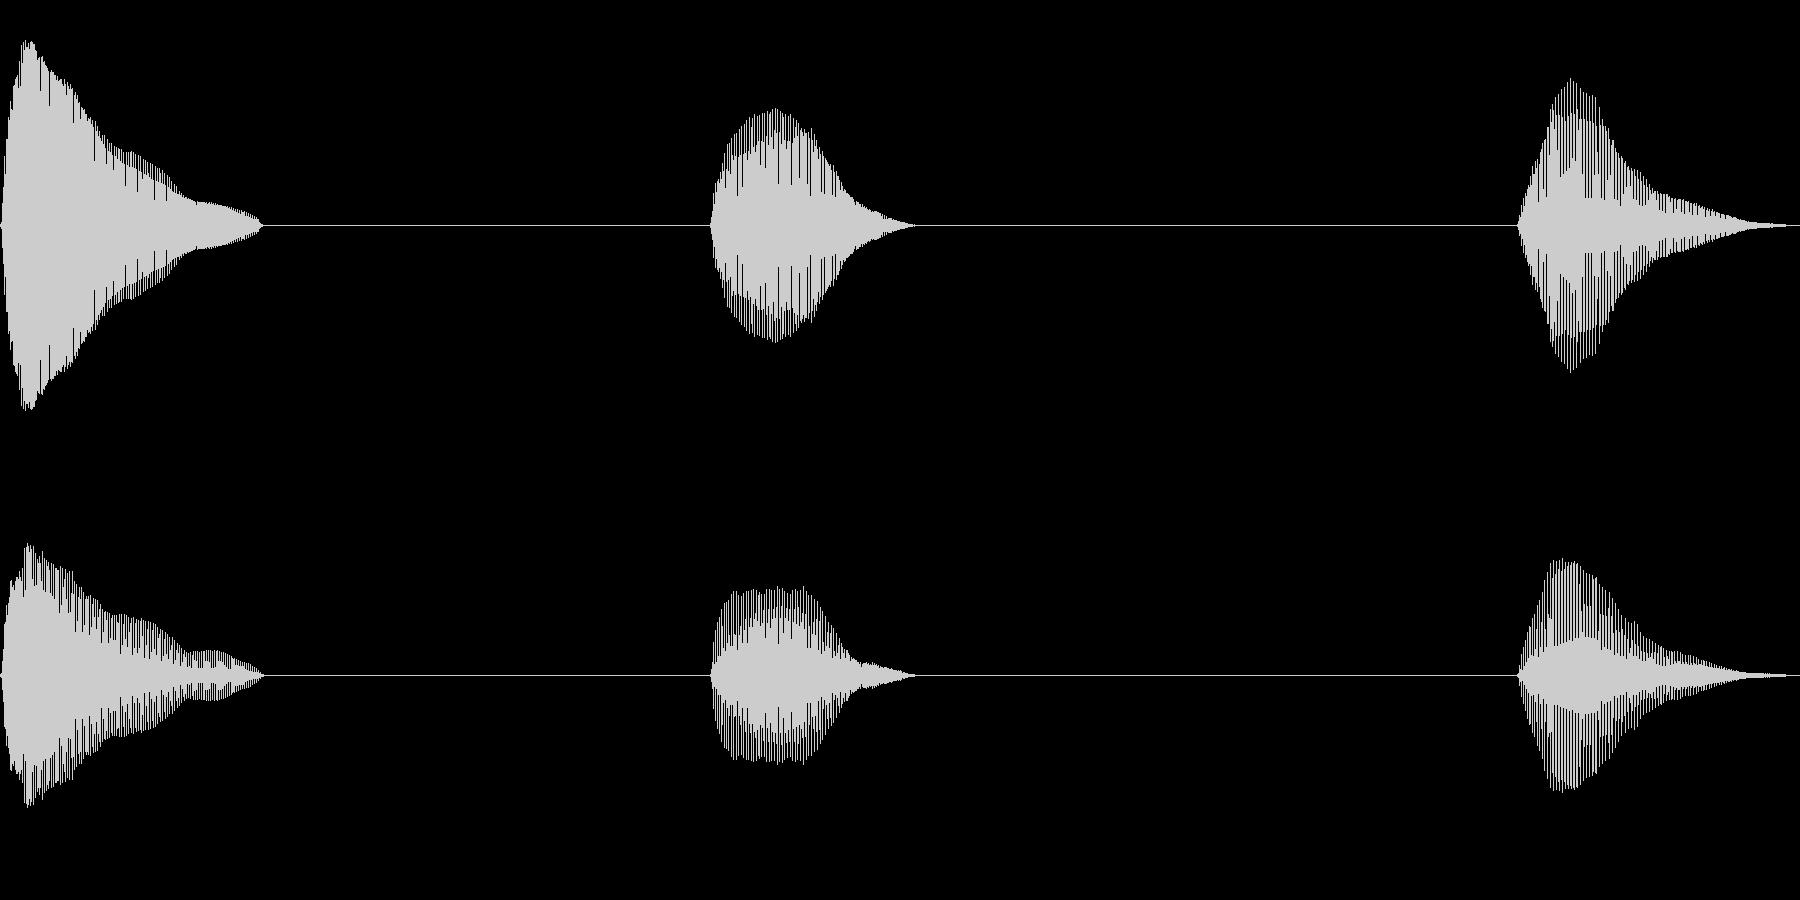 おならを小出しに3発出した音の未再生の波形